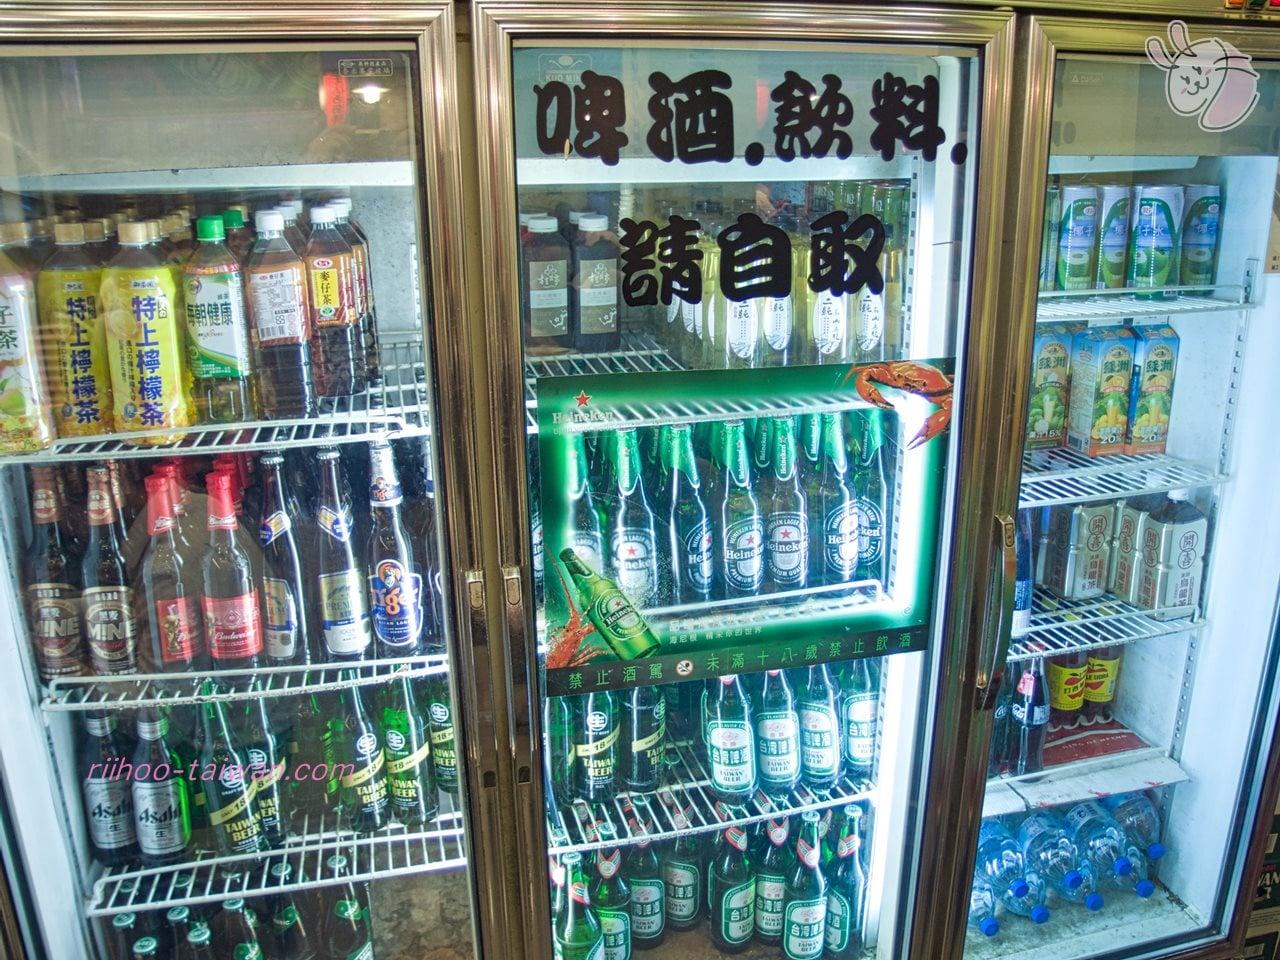 鮮定味生猛海鮮 (錦州店) 冷蔵庫に飲み物があります